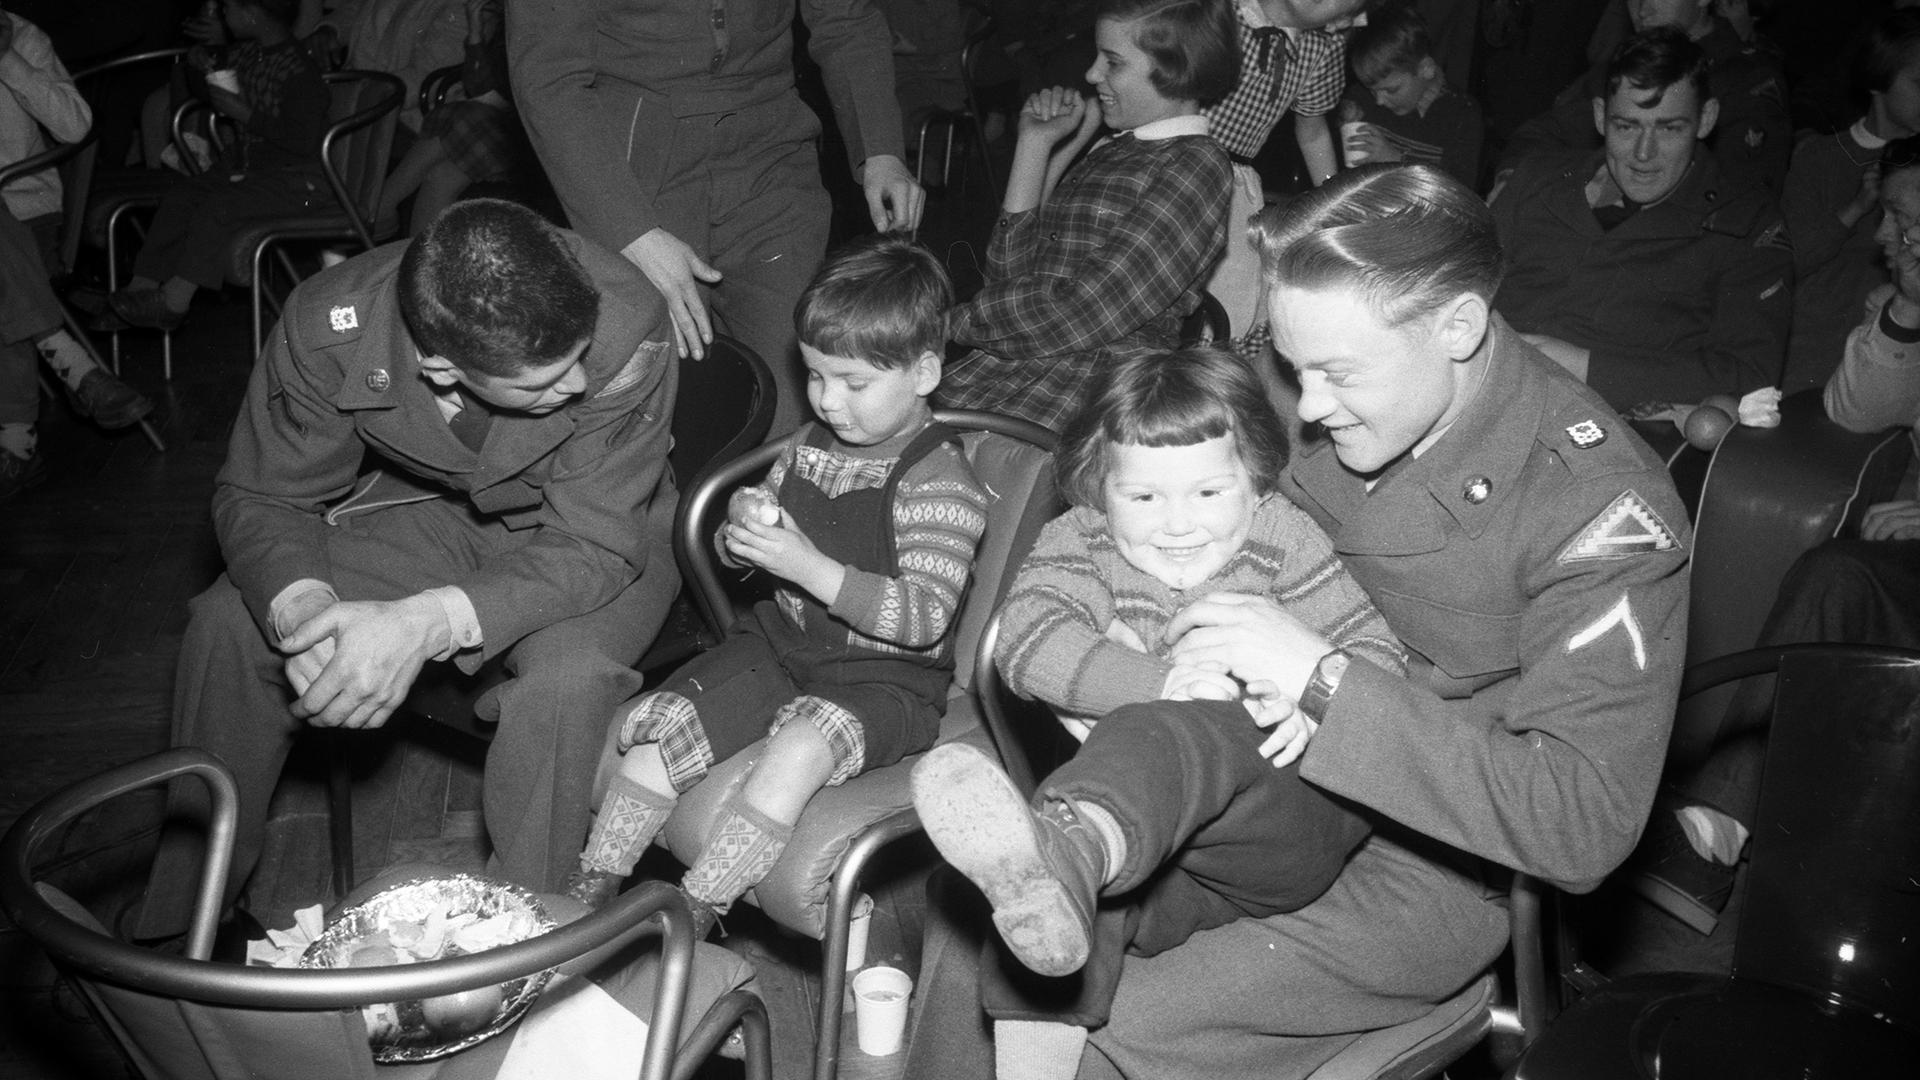 Essen und spielen mit GIs: In der Nachkriegszeit luden die US-Streitkräfte in Karlsruhe regelmäßig bedürftige Kinder zu großen Feiern ein.  Dieses Bild zeigt das Erntedankfest 1956 mit Kindern aus dem Sybelheim.